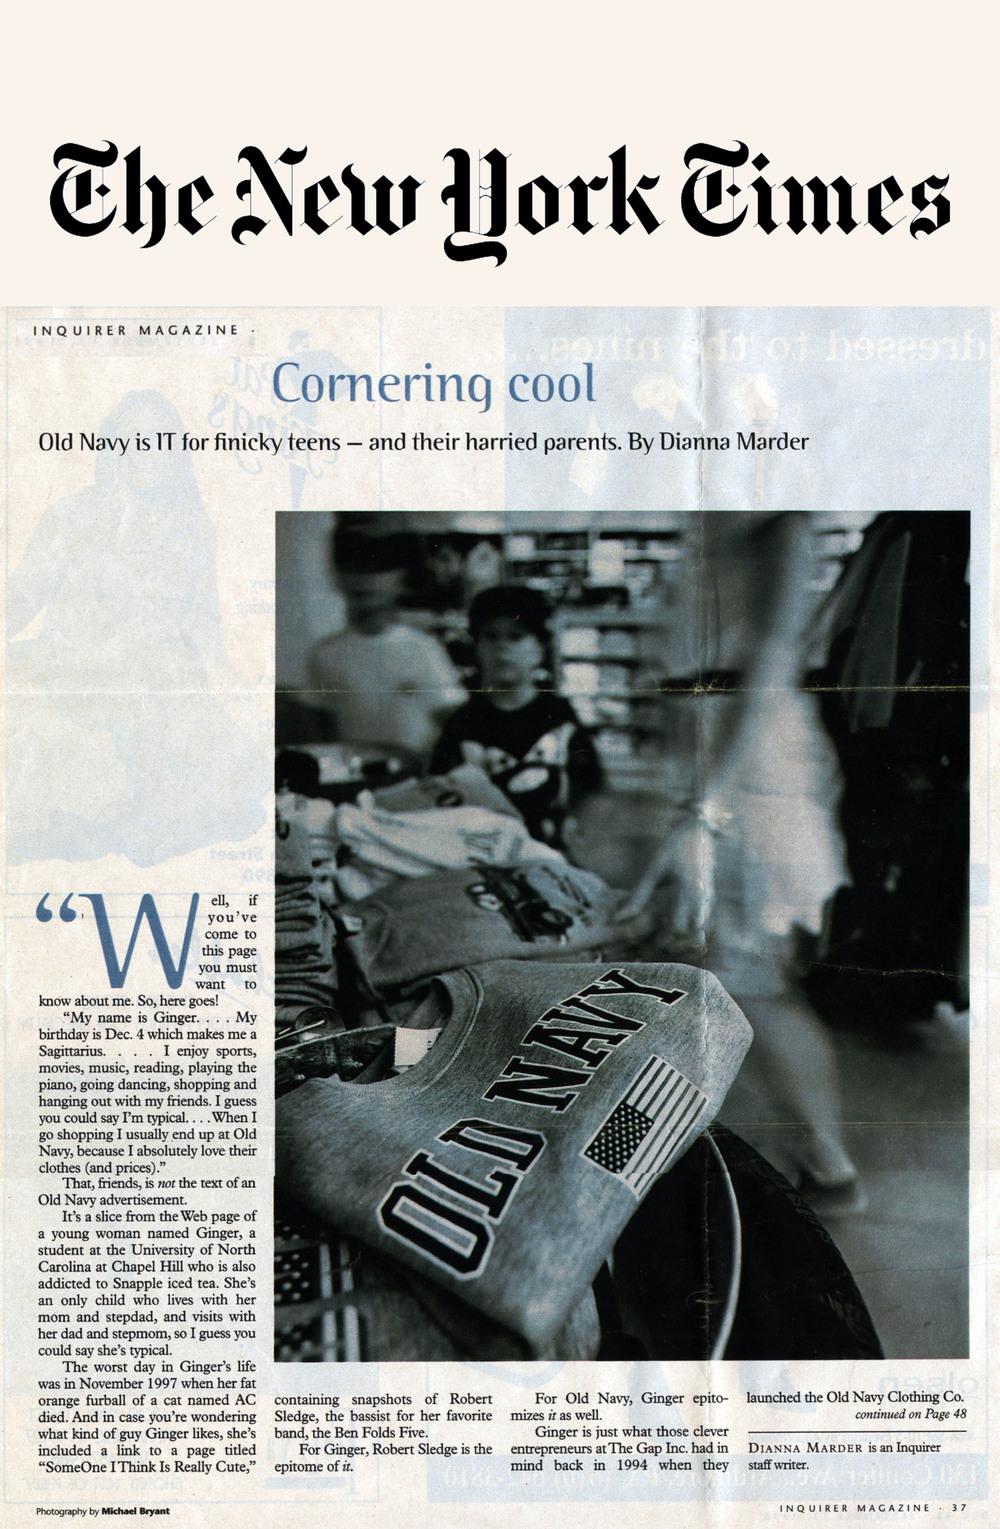 NYT_Enquirer Mag tear.jpg